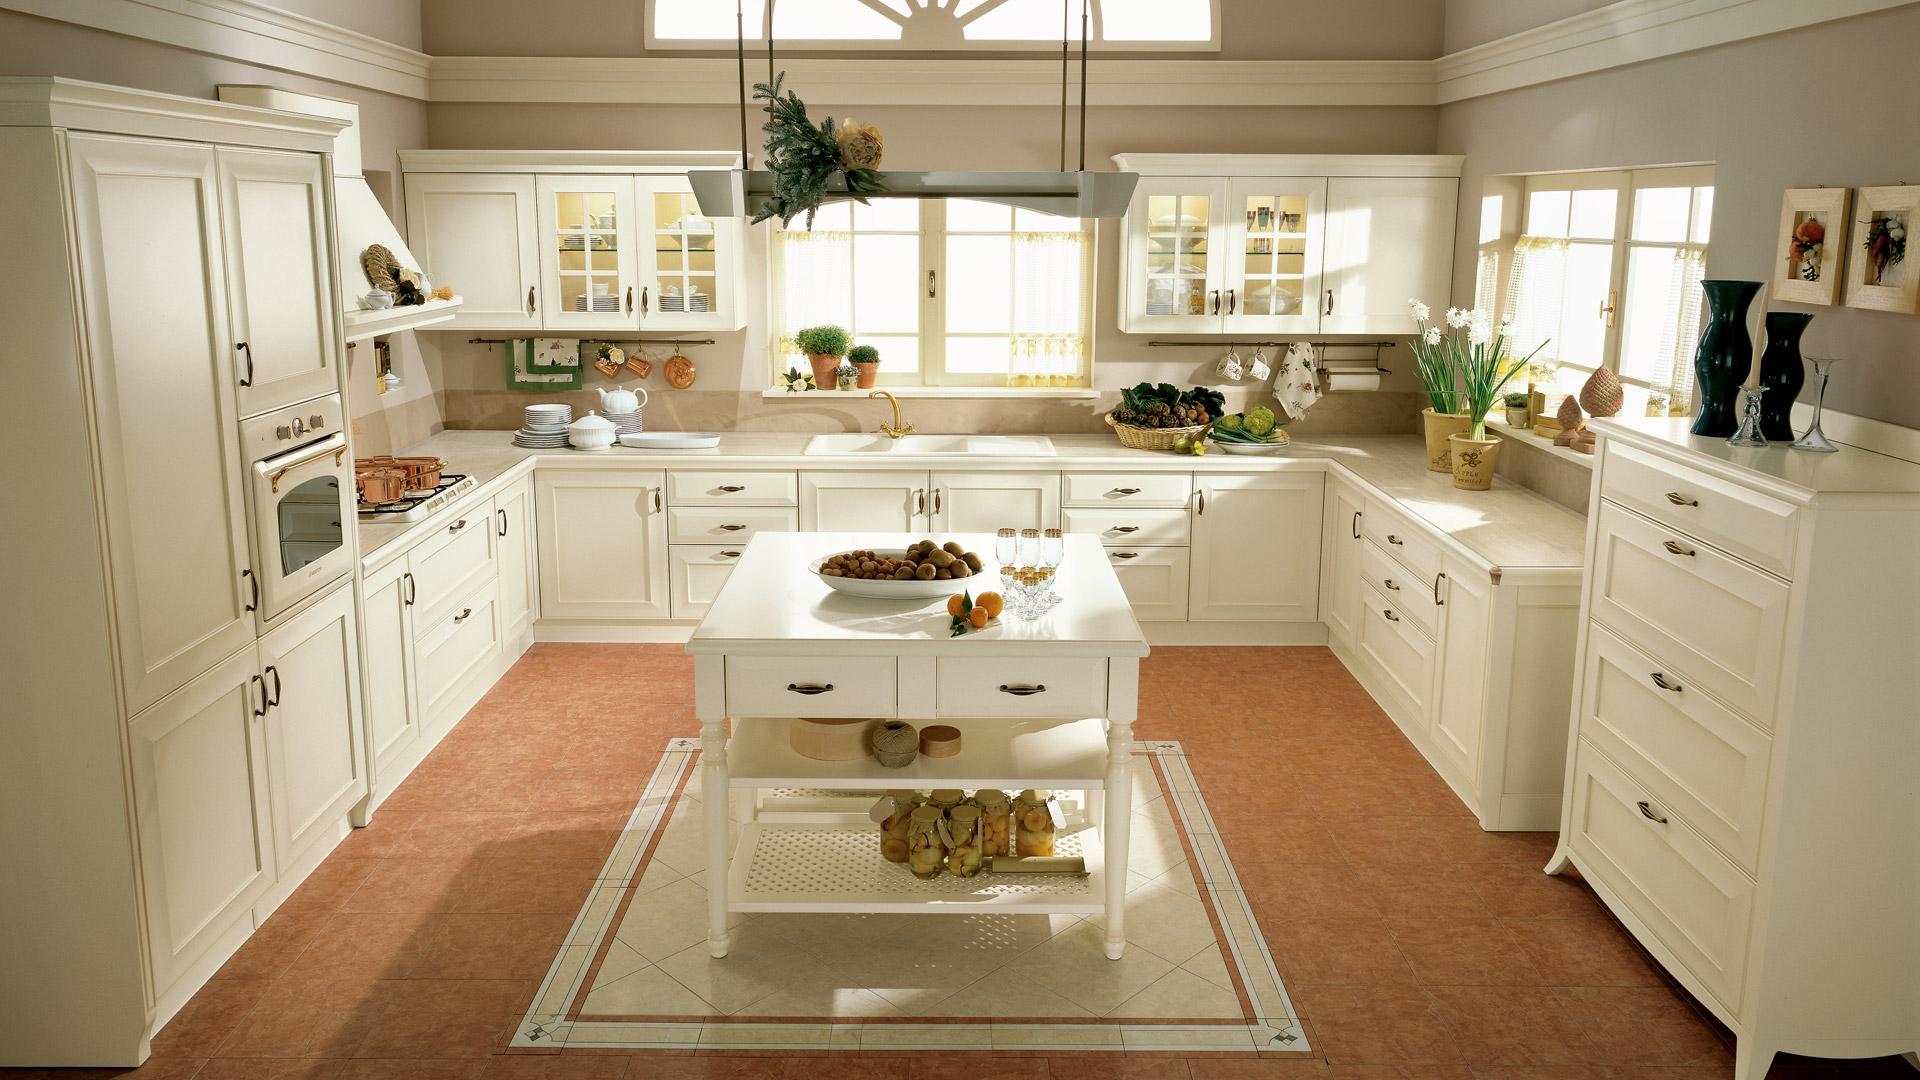 Rizzo arreda lube arredamenti paderno dugnano cucine for Chinaglia arreda paderno dugnano